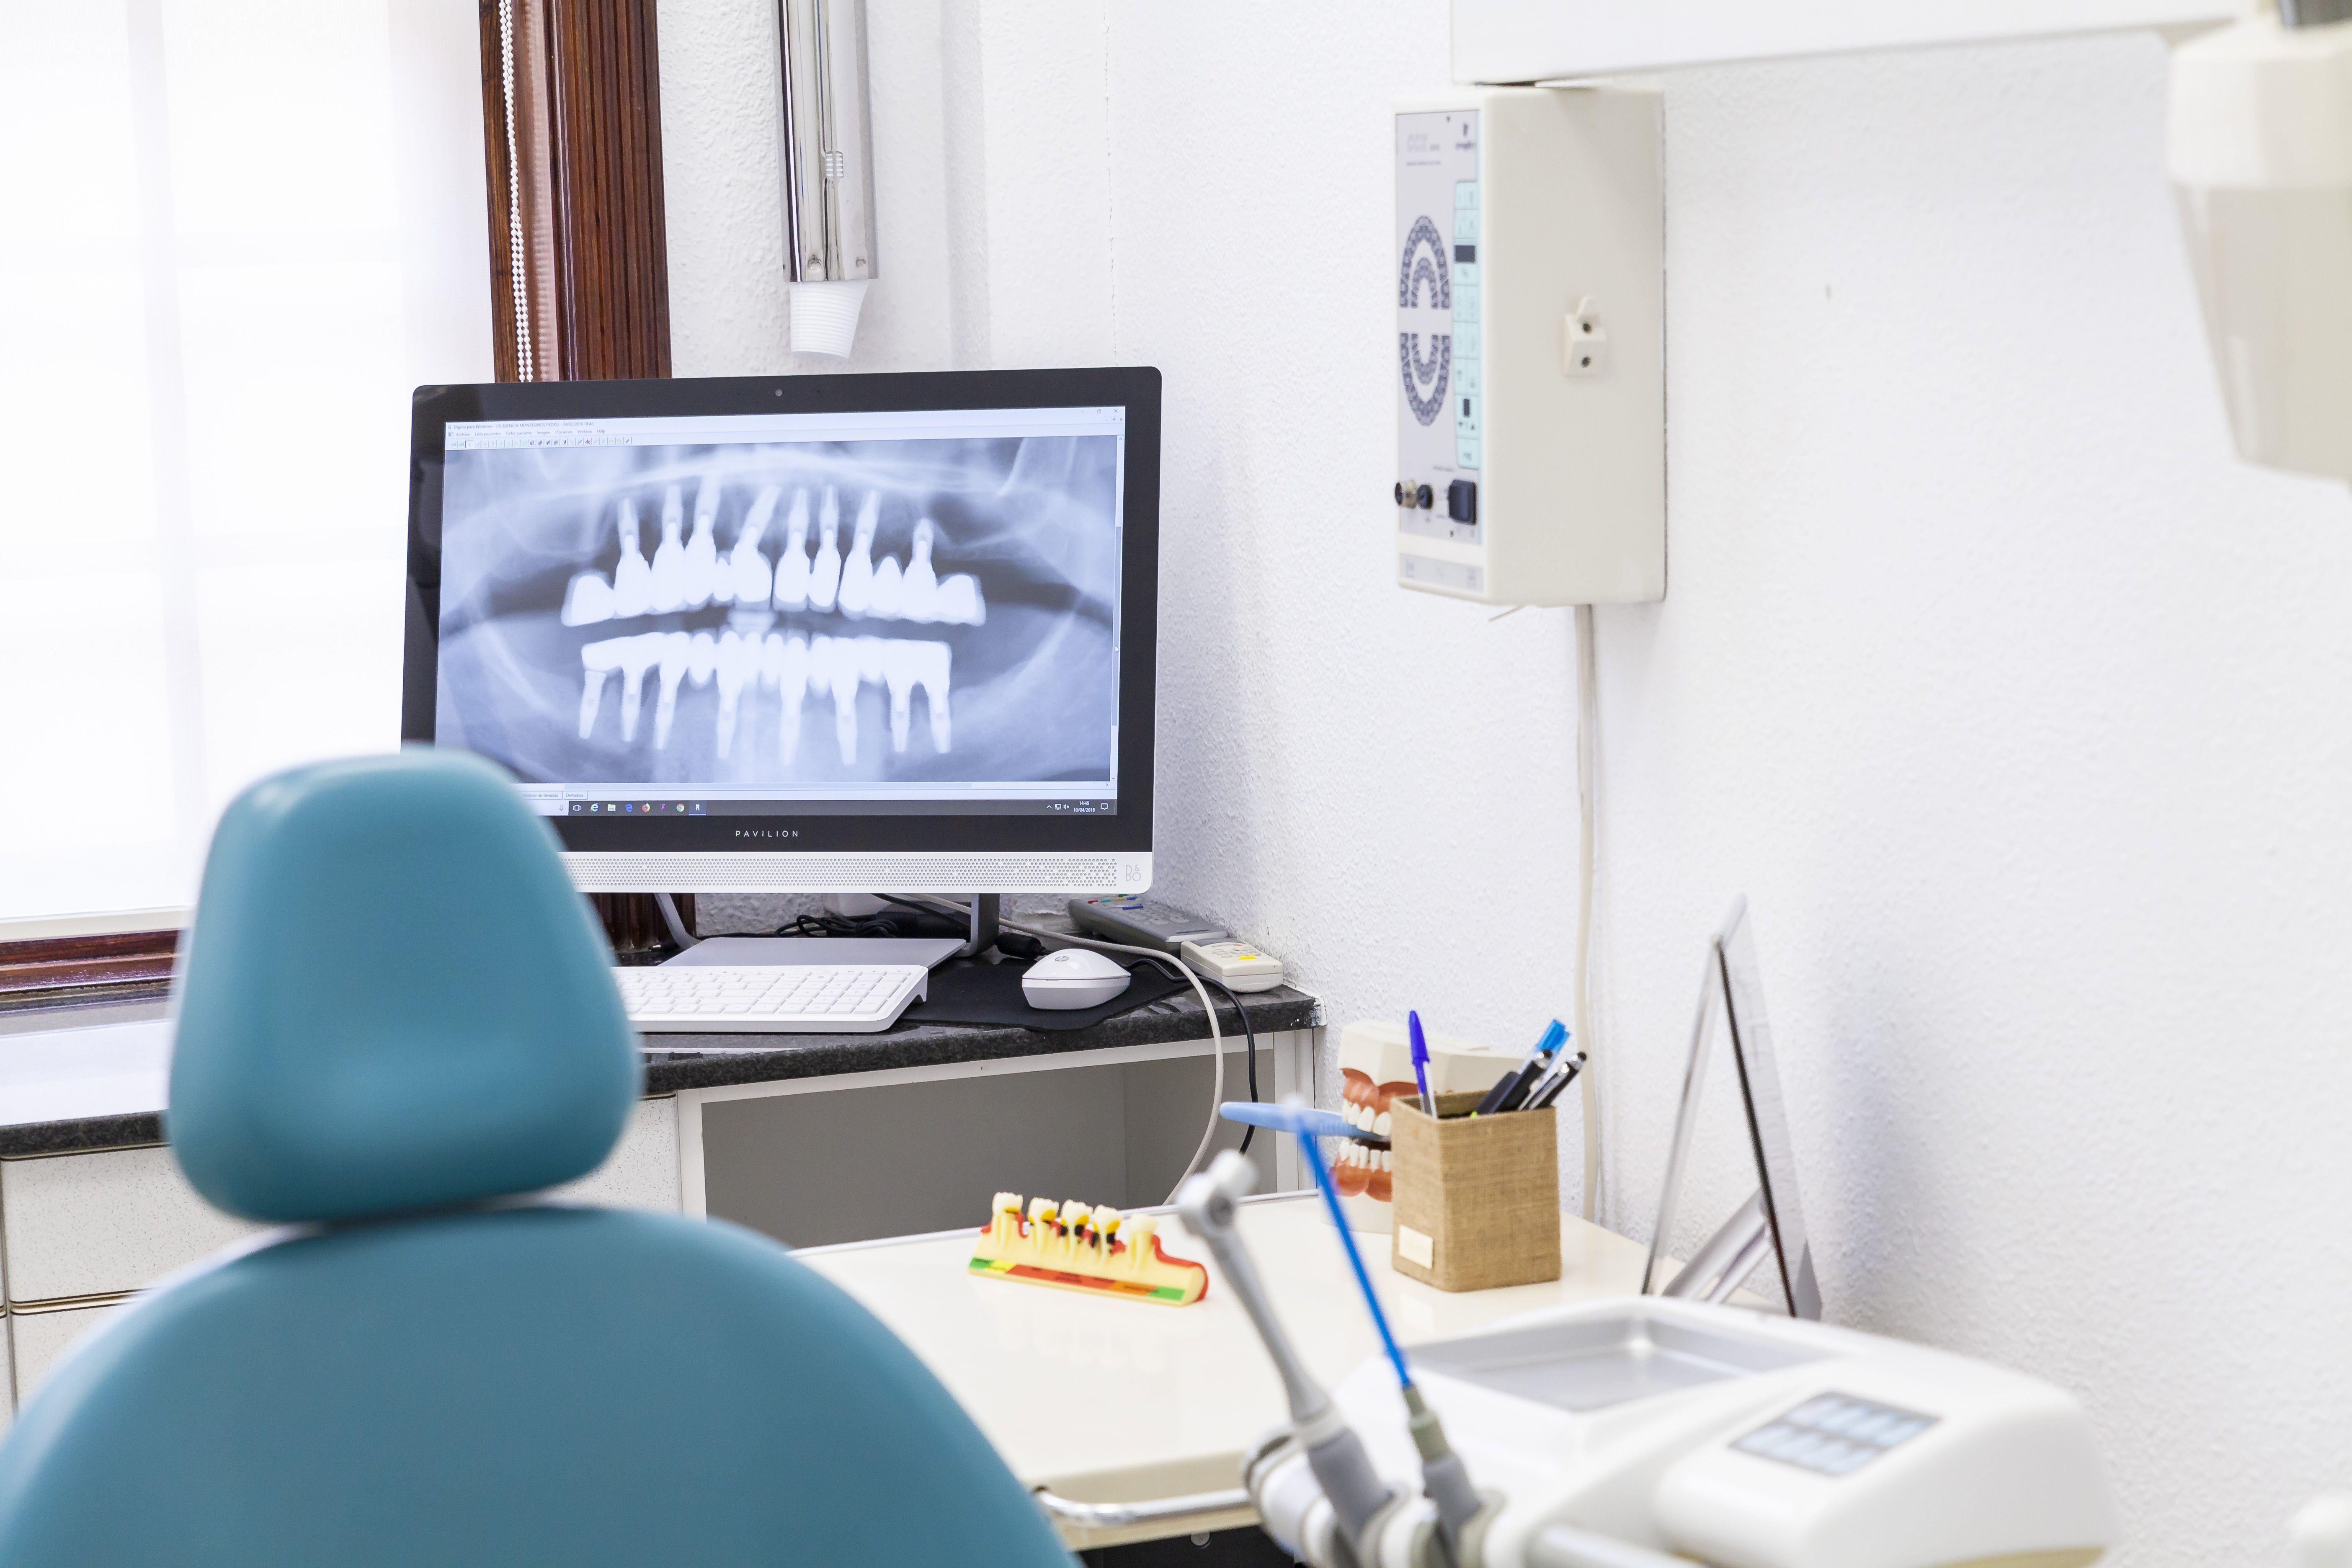 Centro de estética dental en Tenerife